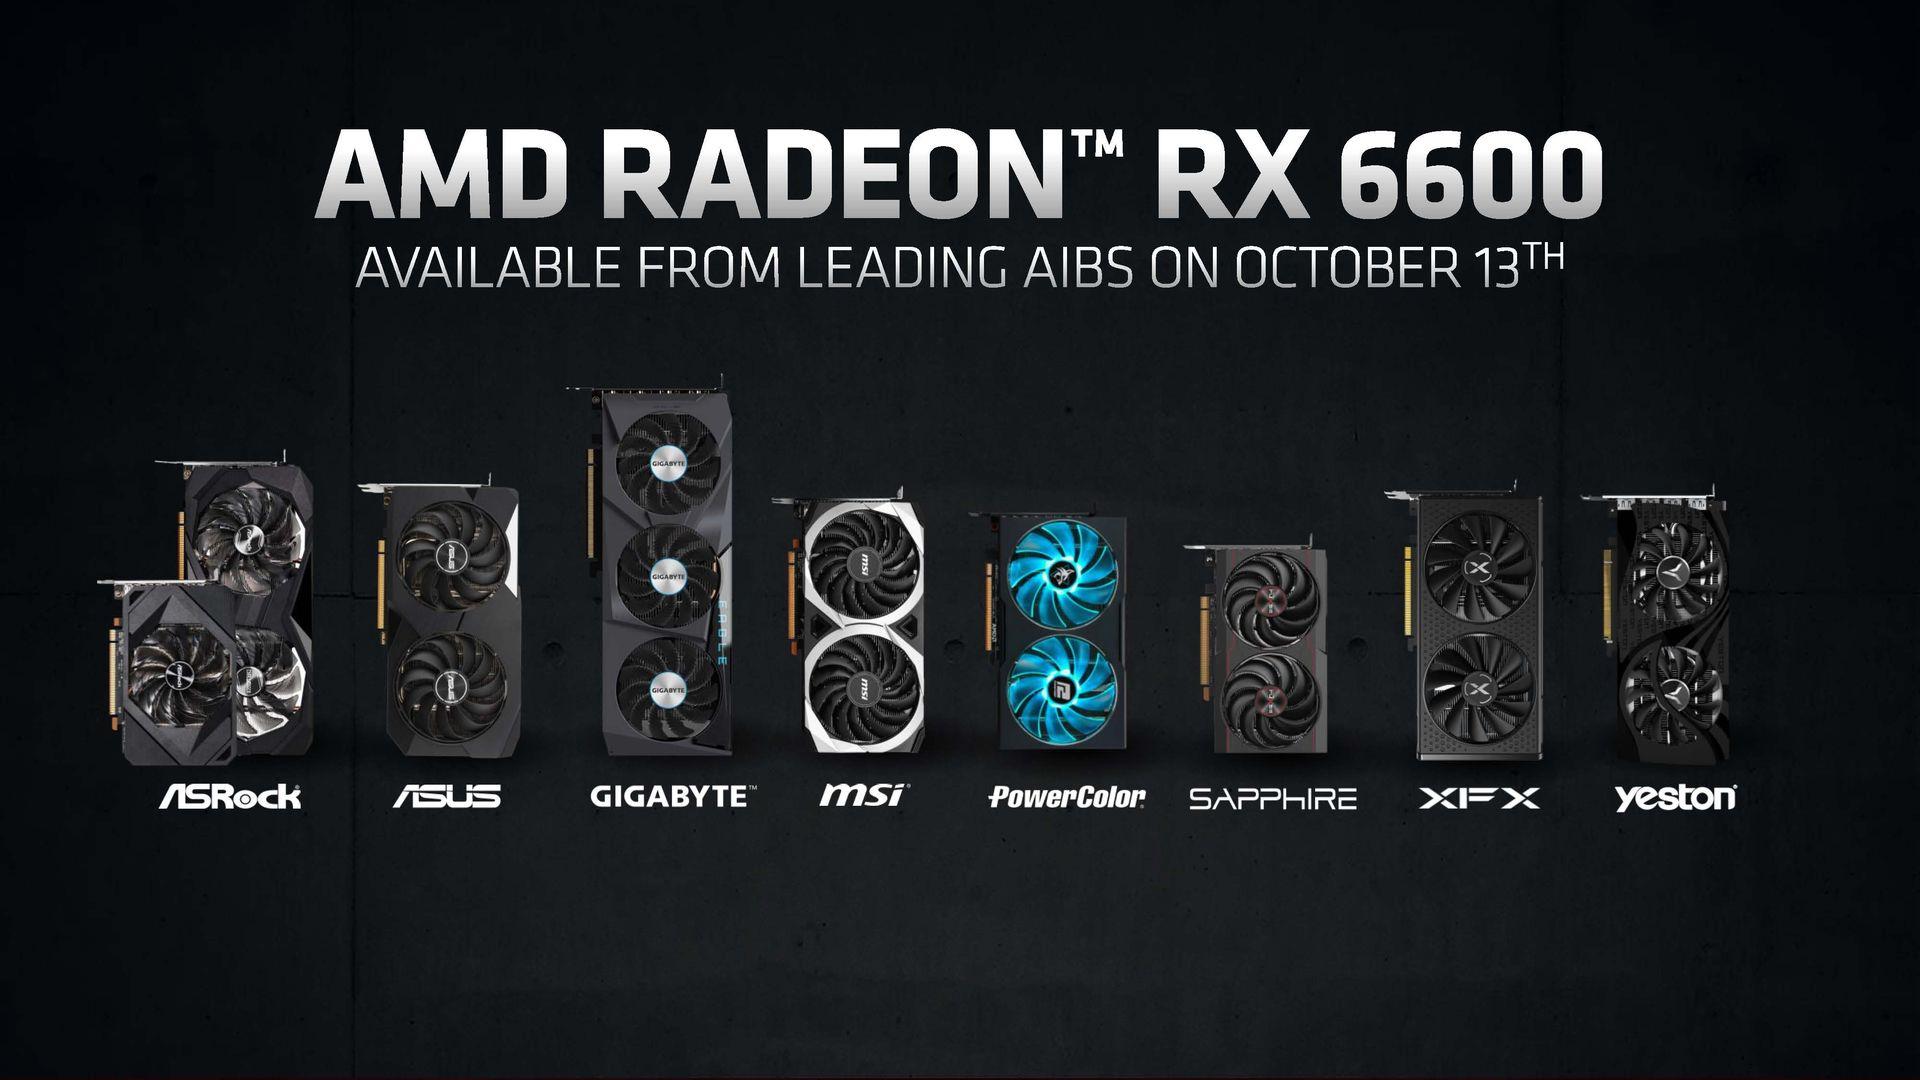 19 RX6600Models